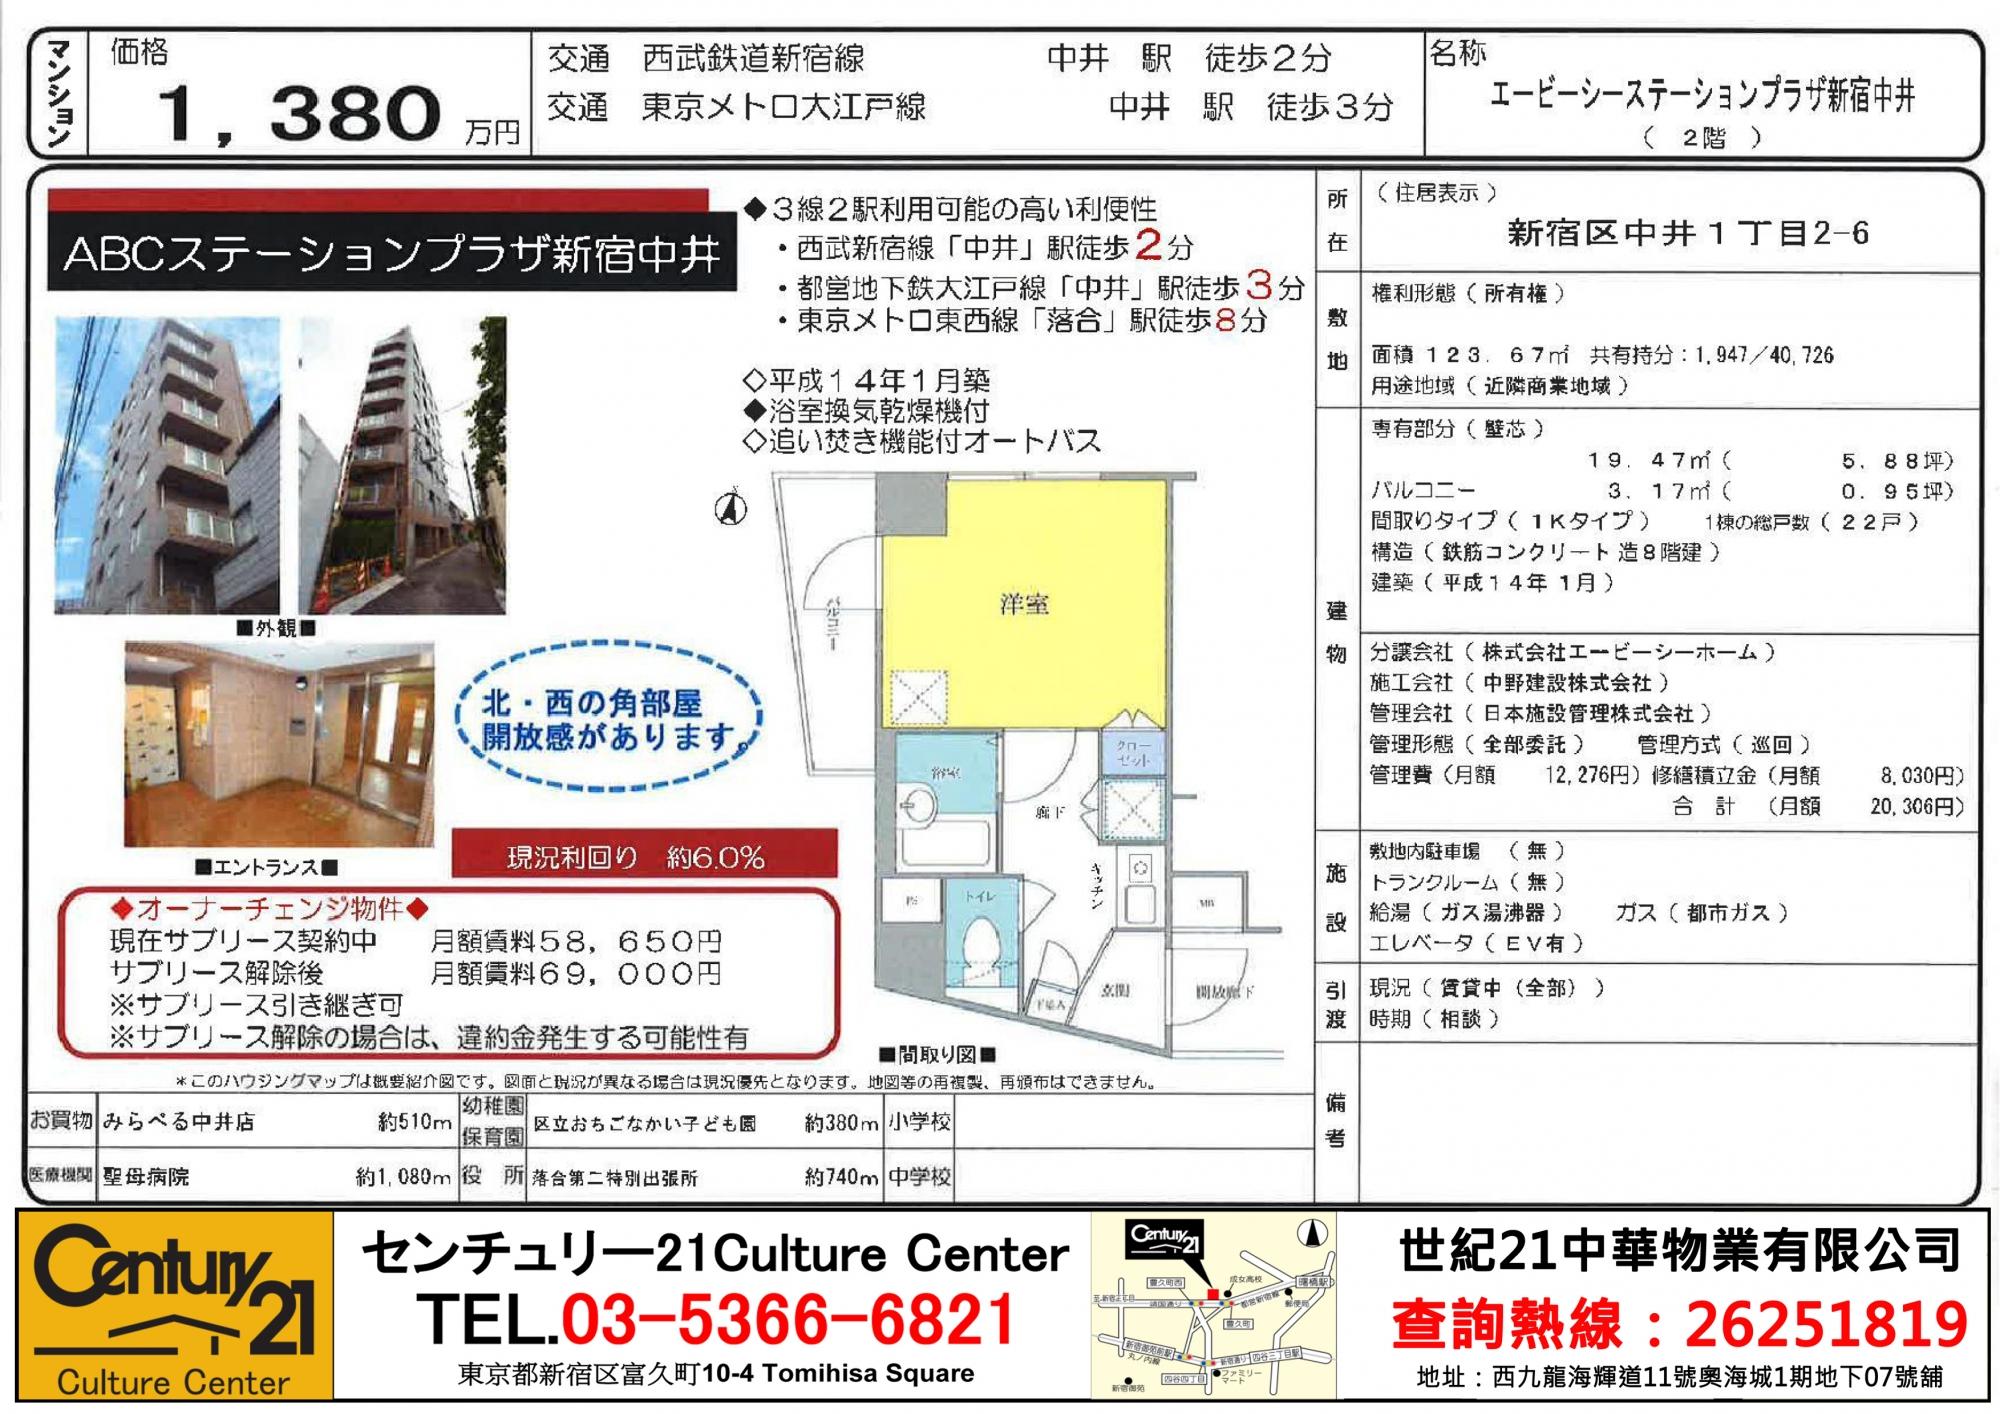 新宿区中井1丁目2-6